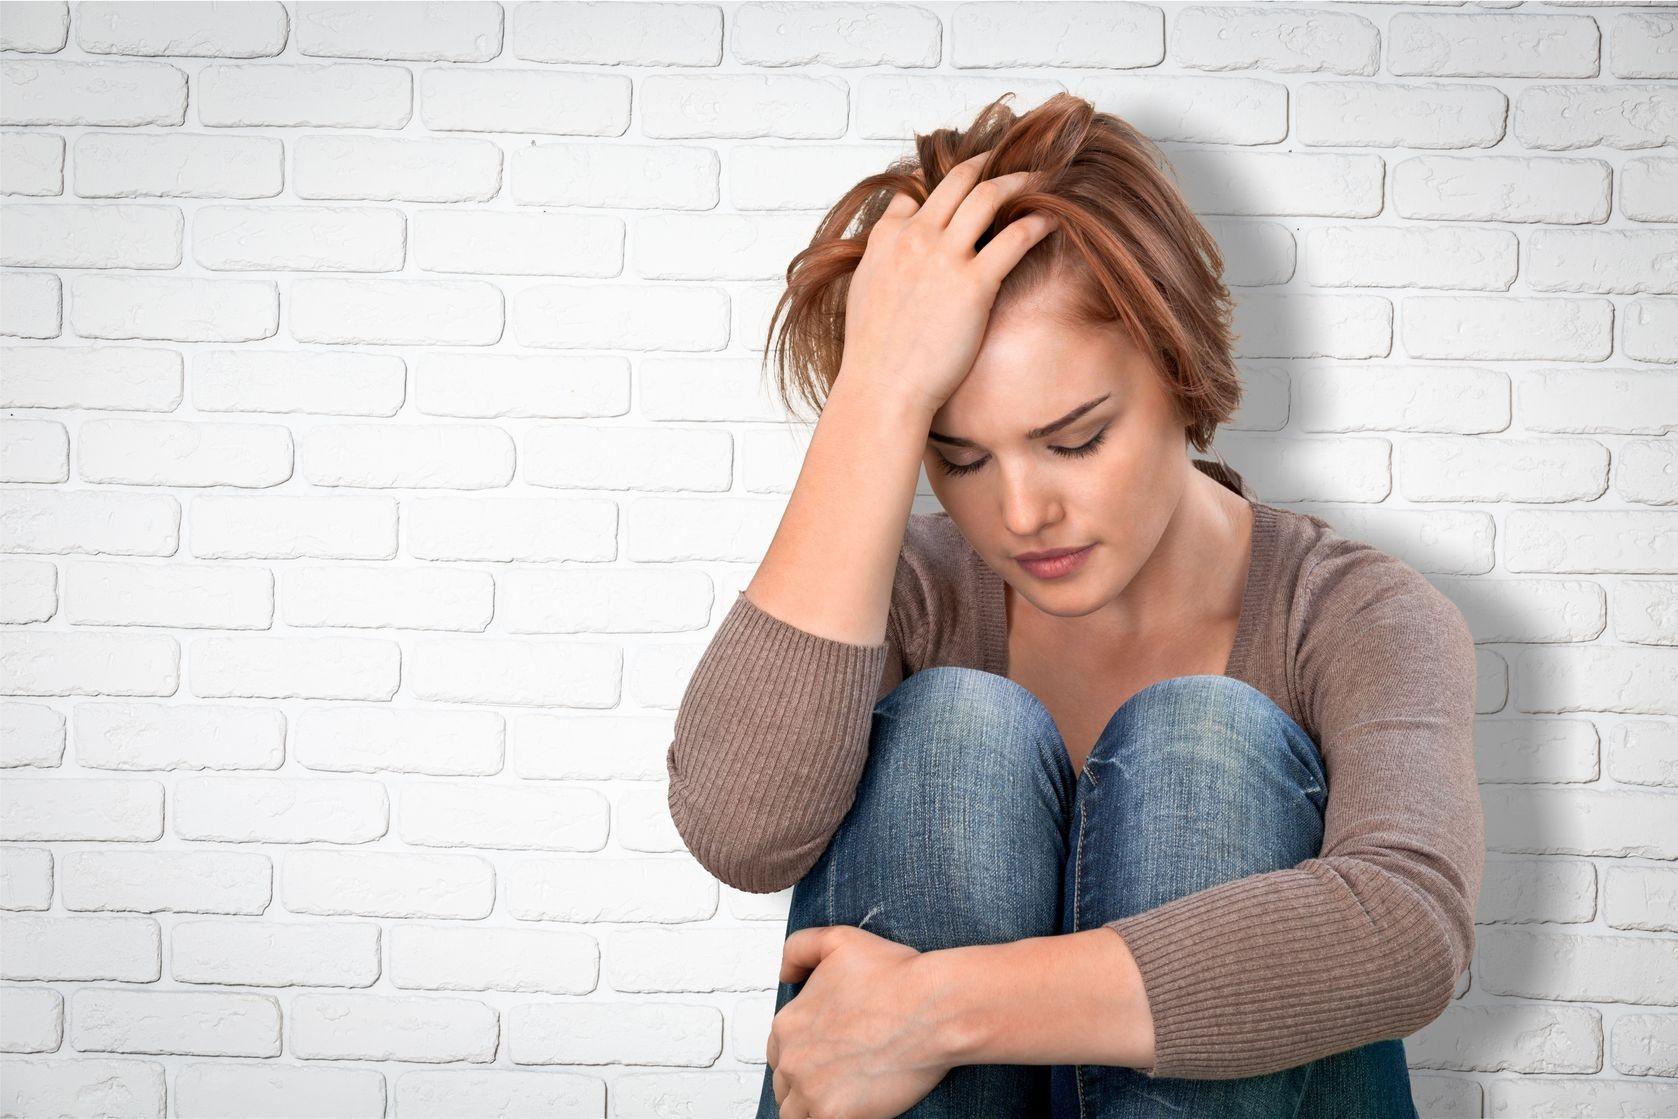 Инфекции влияют наразвитие депрессии исуицидального настроения— исследование